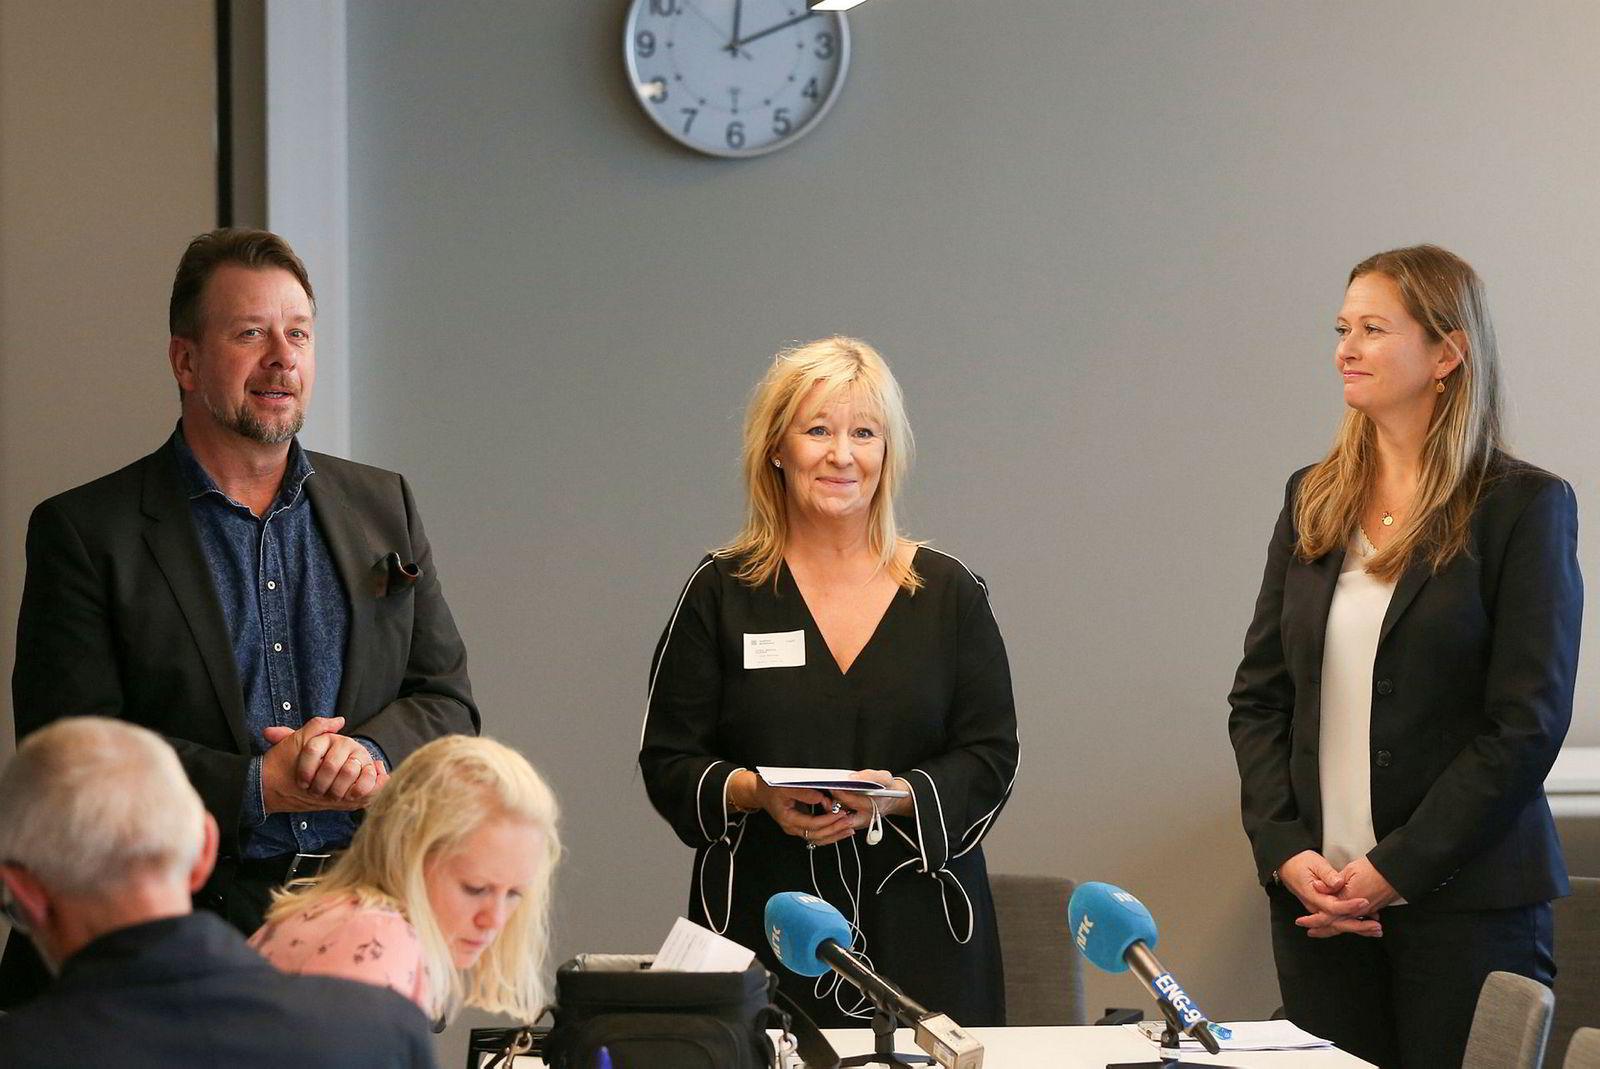 Magnus Hedin (fra venstre), Ulrika Mebius og Cathrine Elgin fra Go-Ahead deltok under tildelingen av den første trafikkpakken som er lagt ut for konkurranse om togtrafikken i Norge.